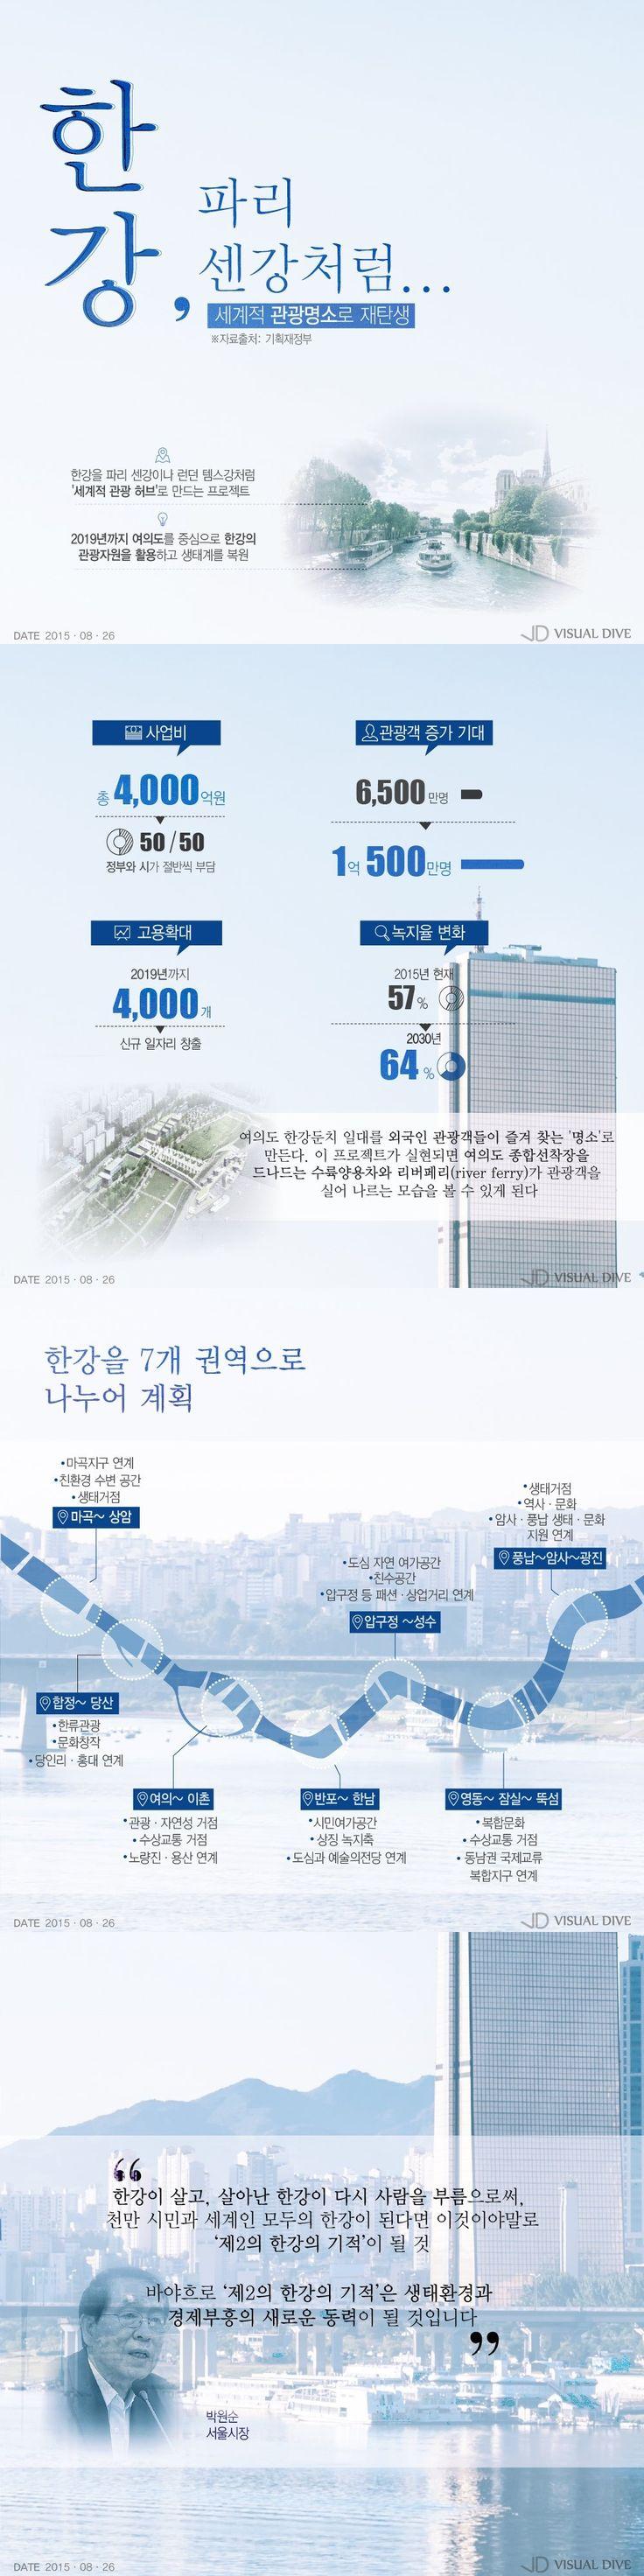 한강, 한국판 '파리 센강'으로 변신한다 [인포그래픽] #HanRiver / #Infographic ⓒ 비주얼다이브 무단 복사·전재·재배포 금지